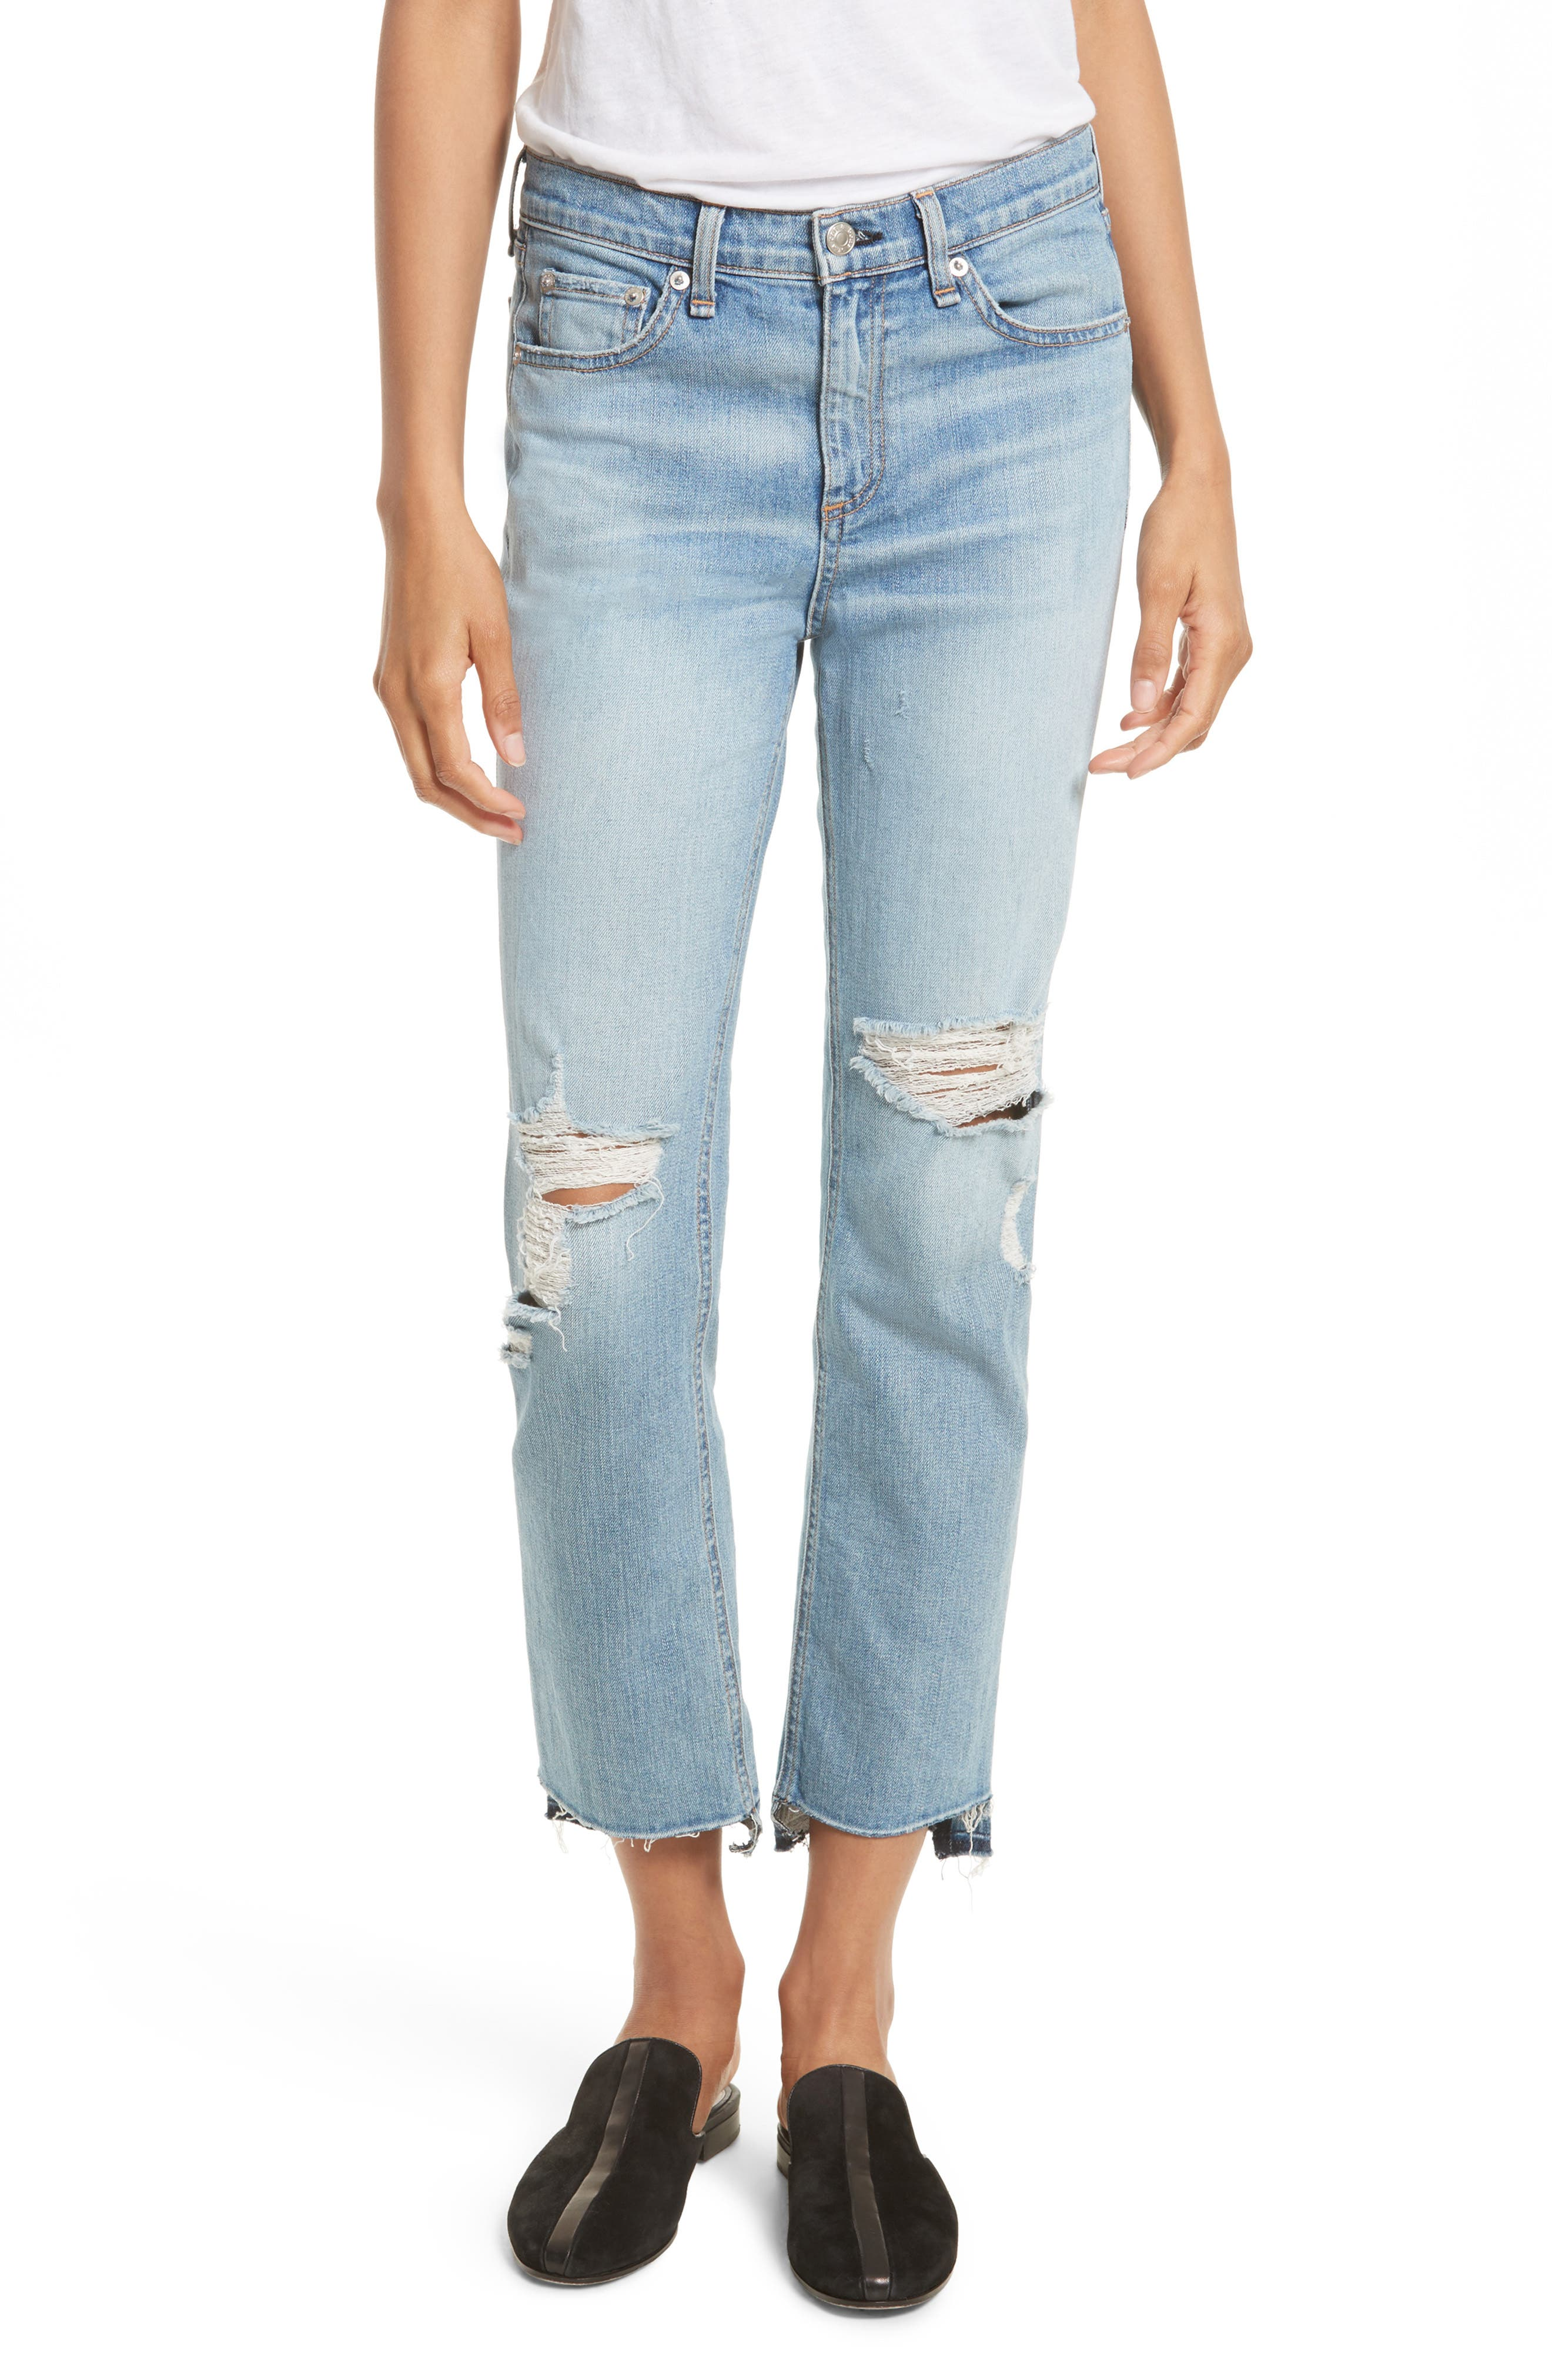 RAG & BONE/JEAN High Waist Step Hem Stove Pipe Jeans